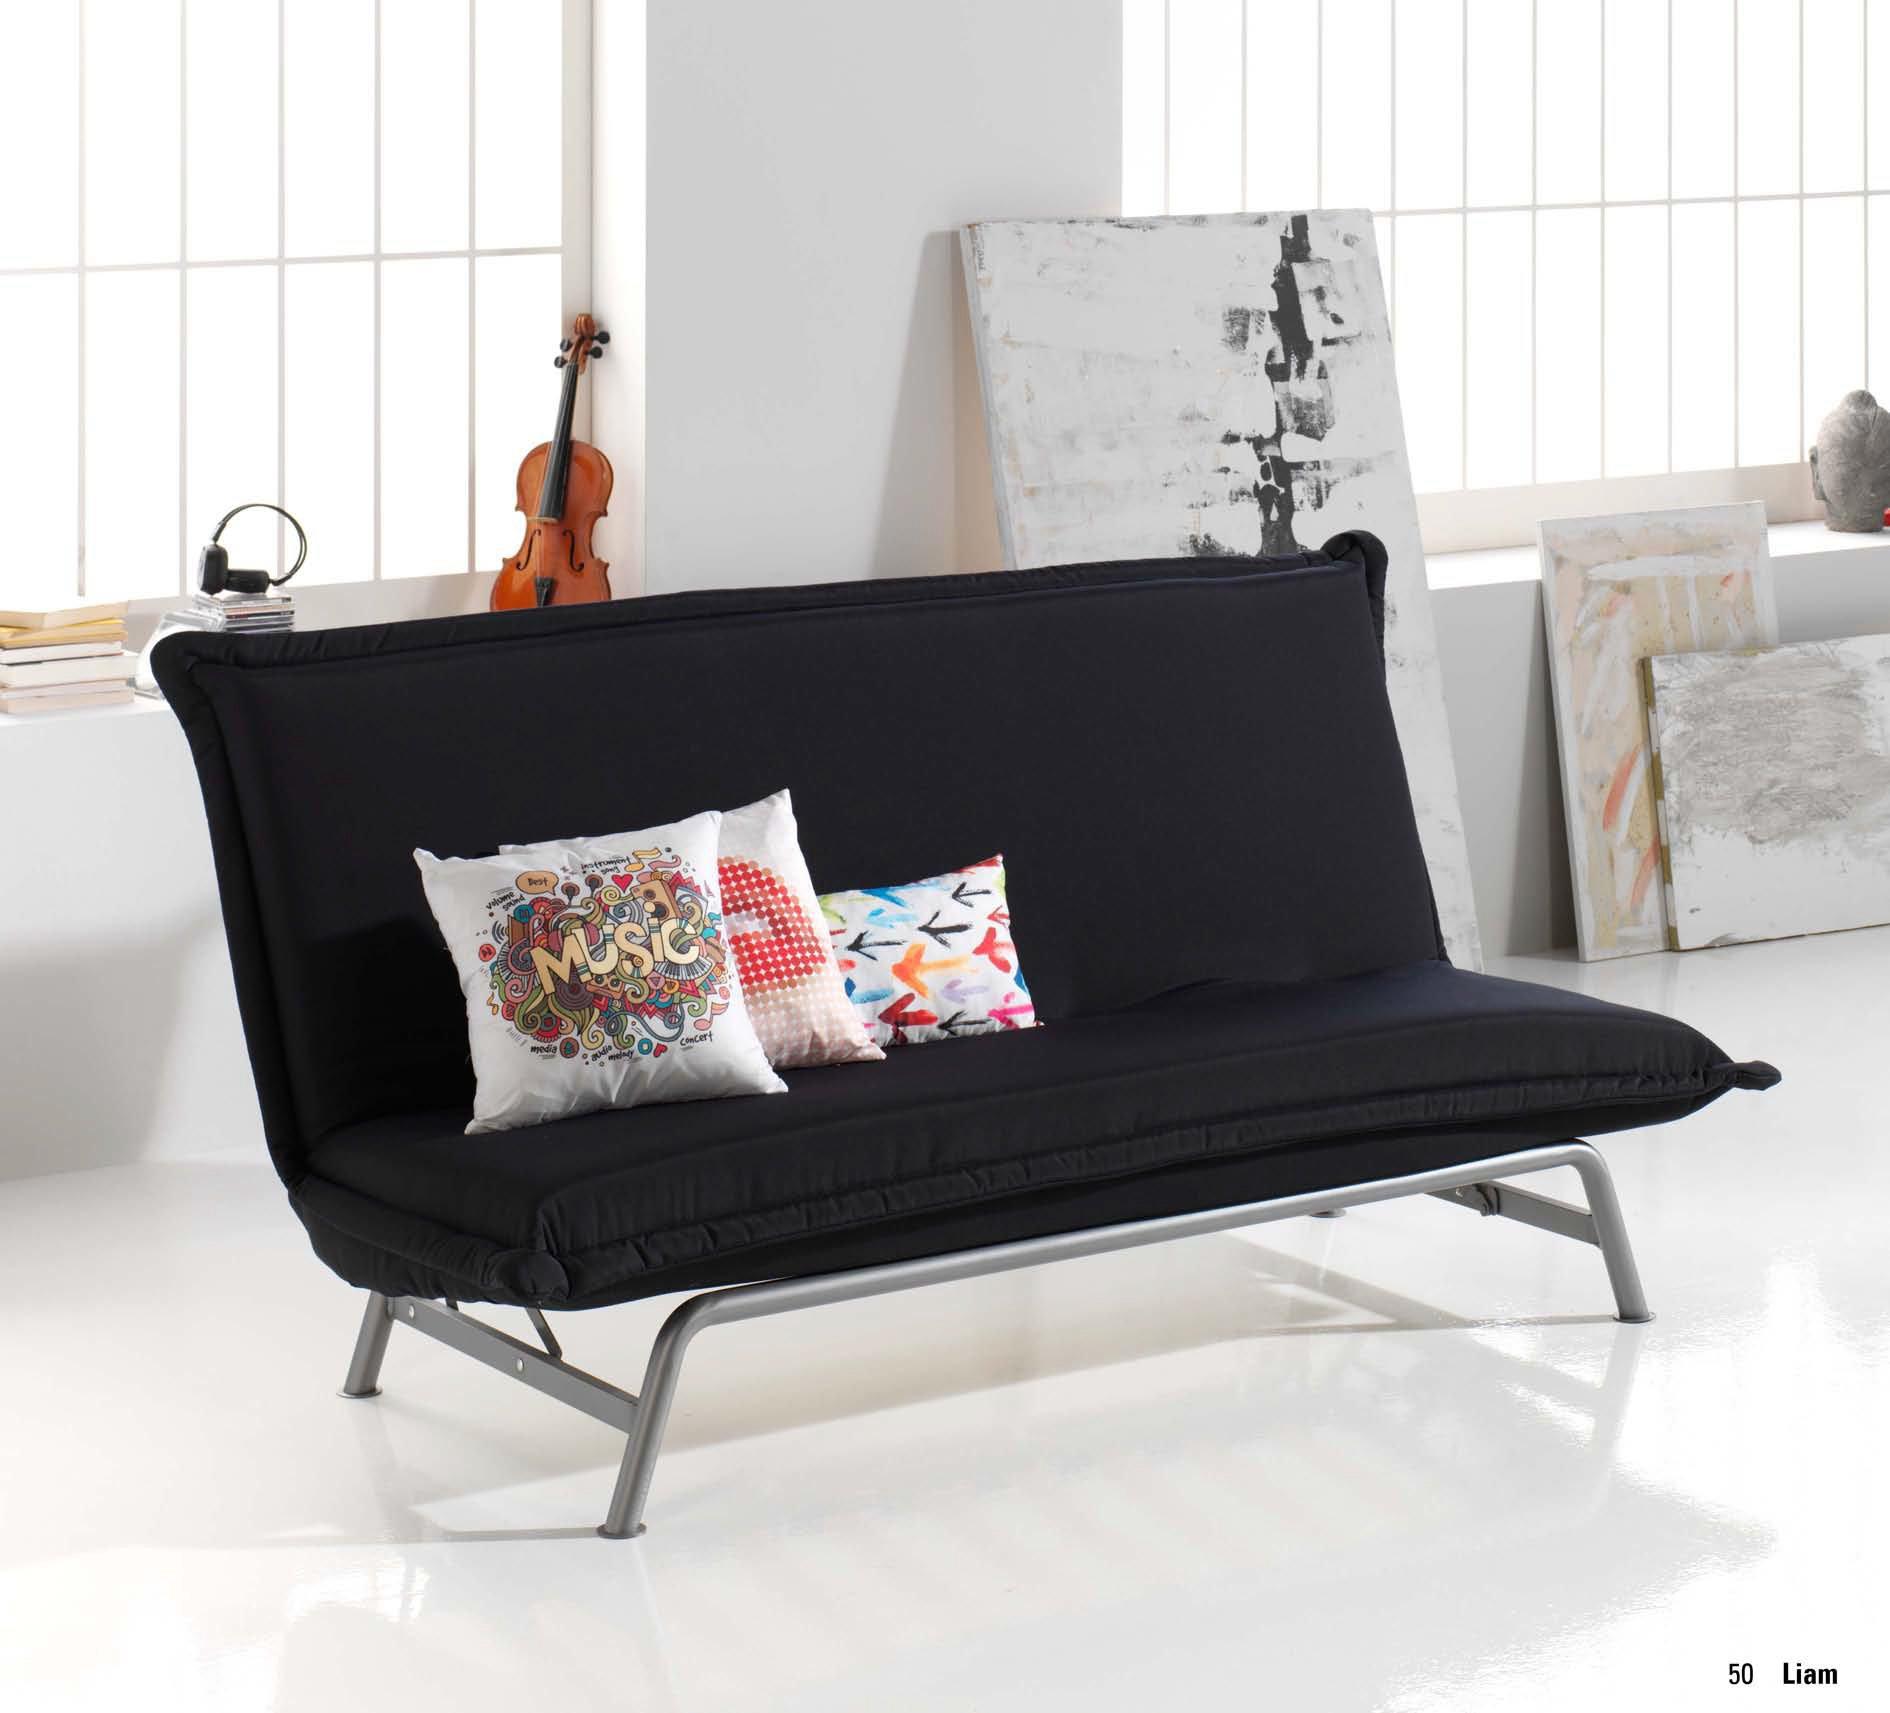 Sofa cama muebles sipo - Muebles sofas camas ...